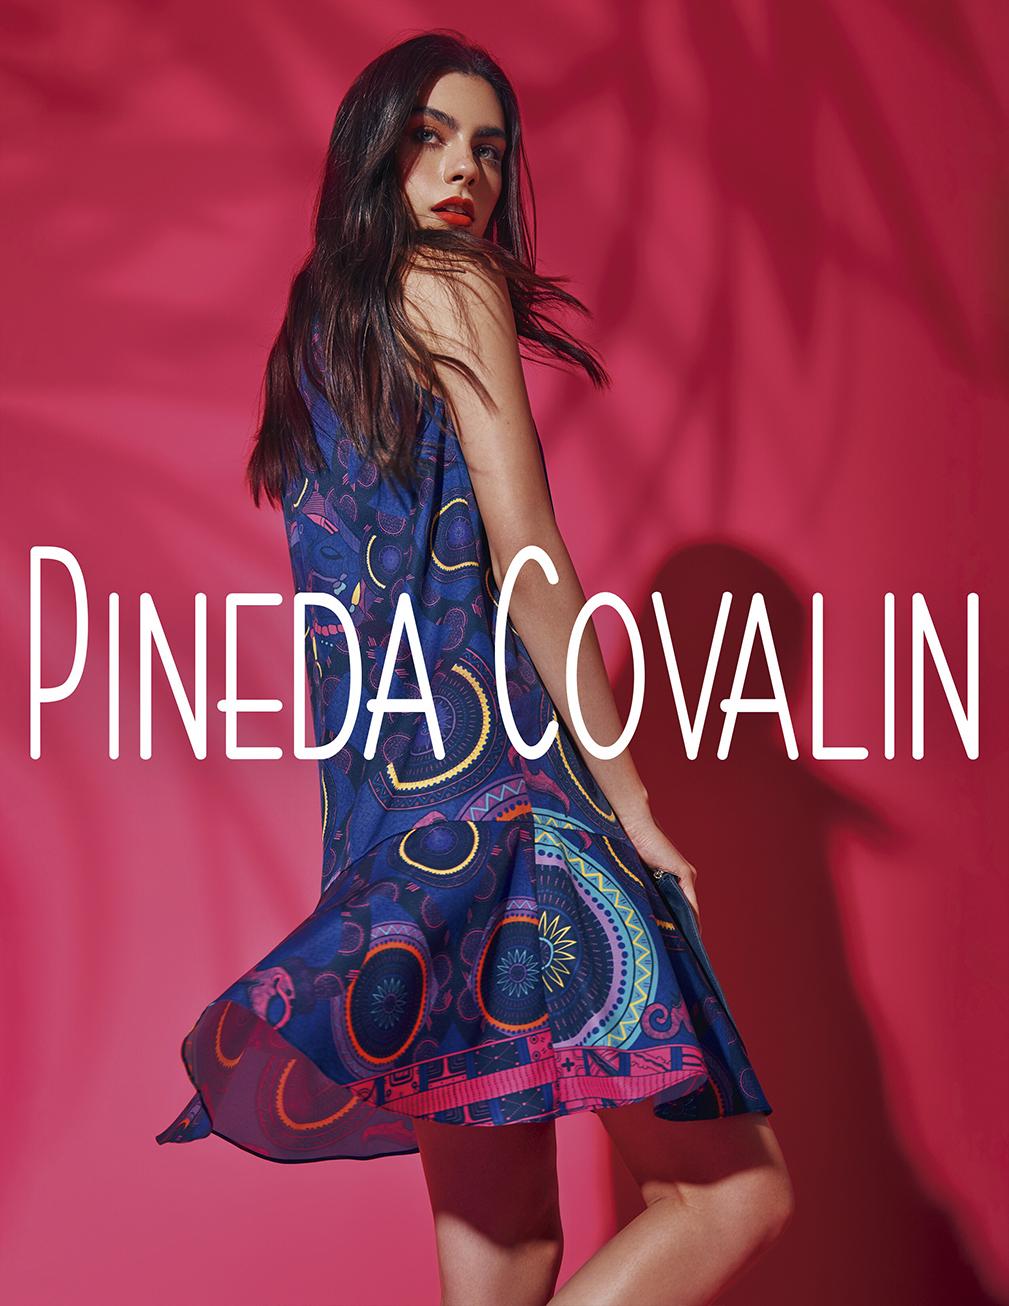 Pineda09